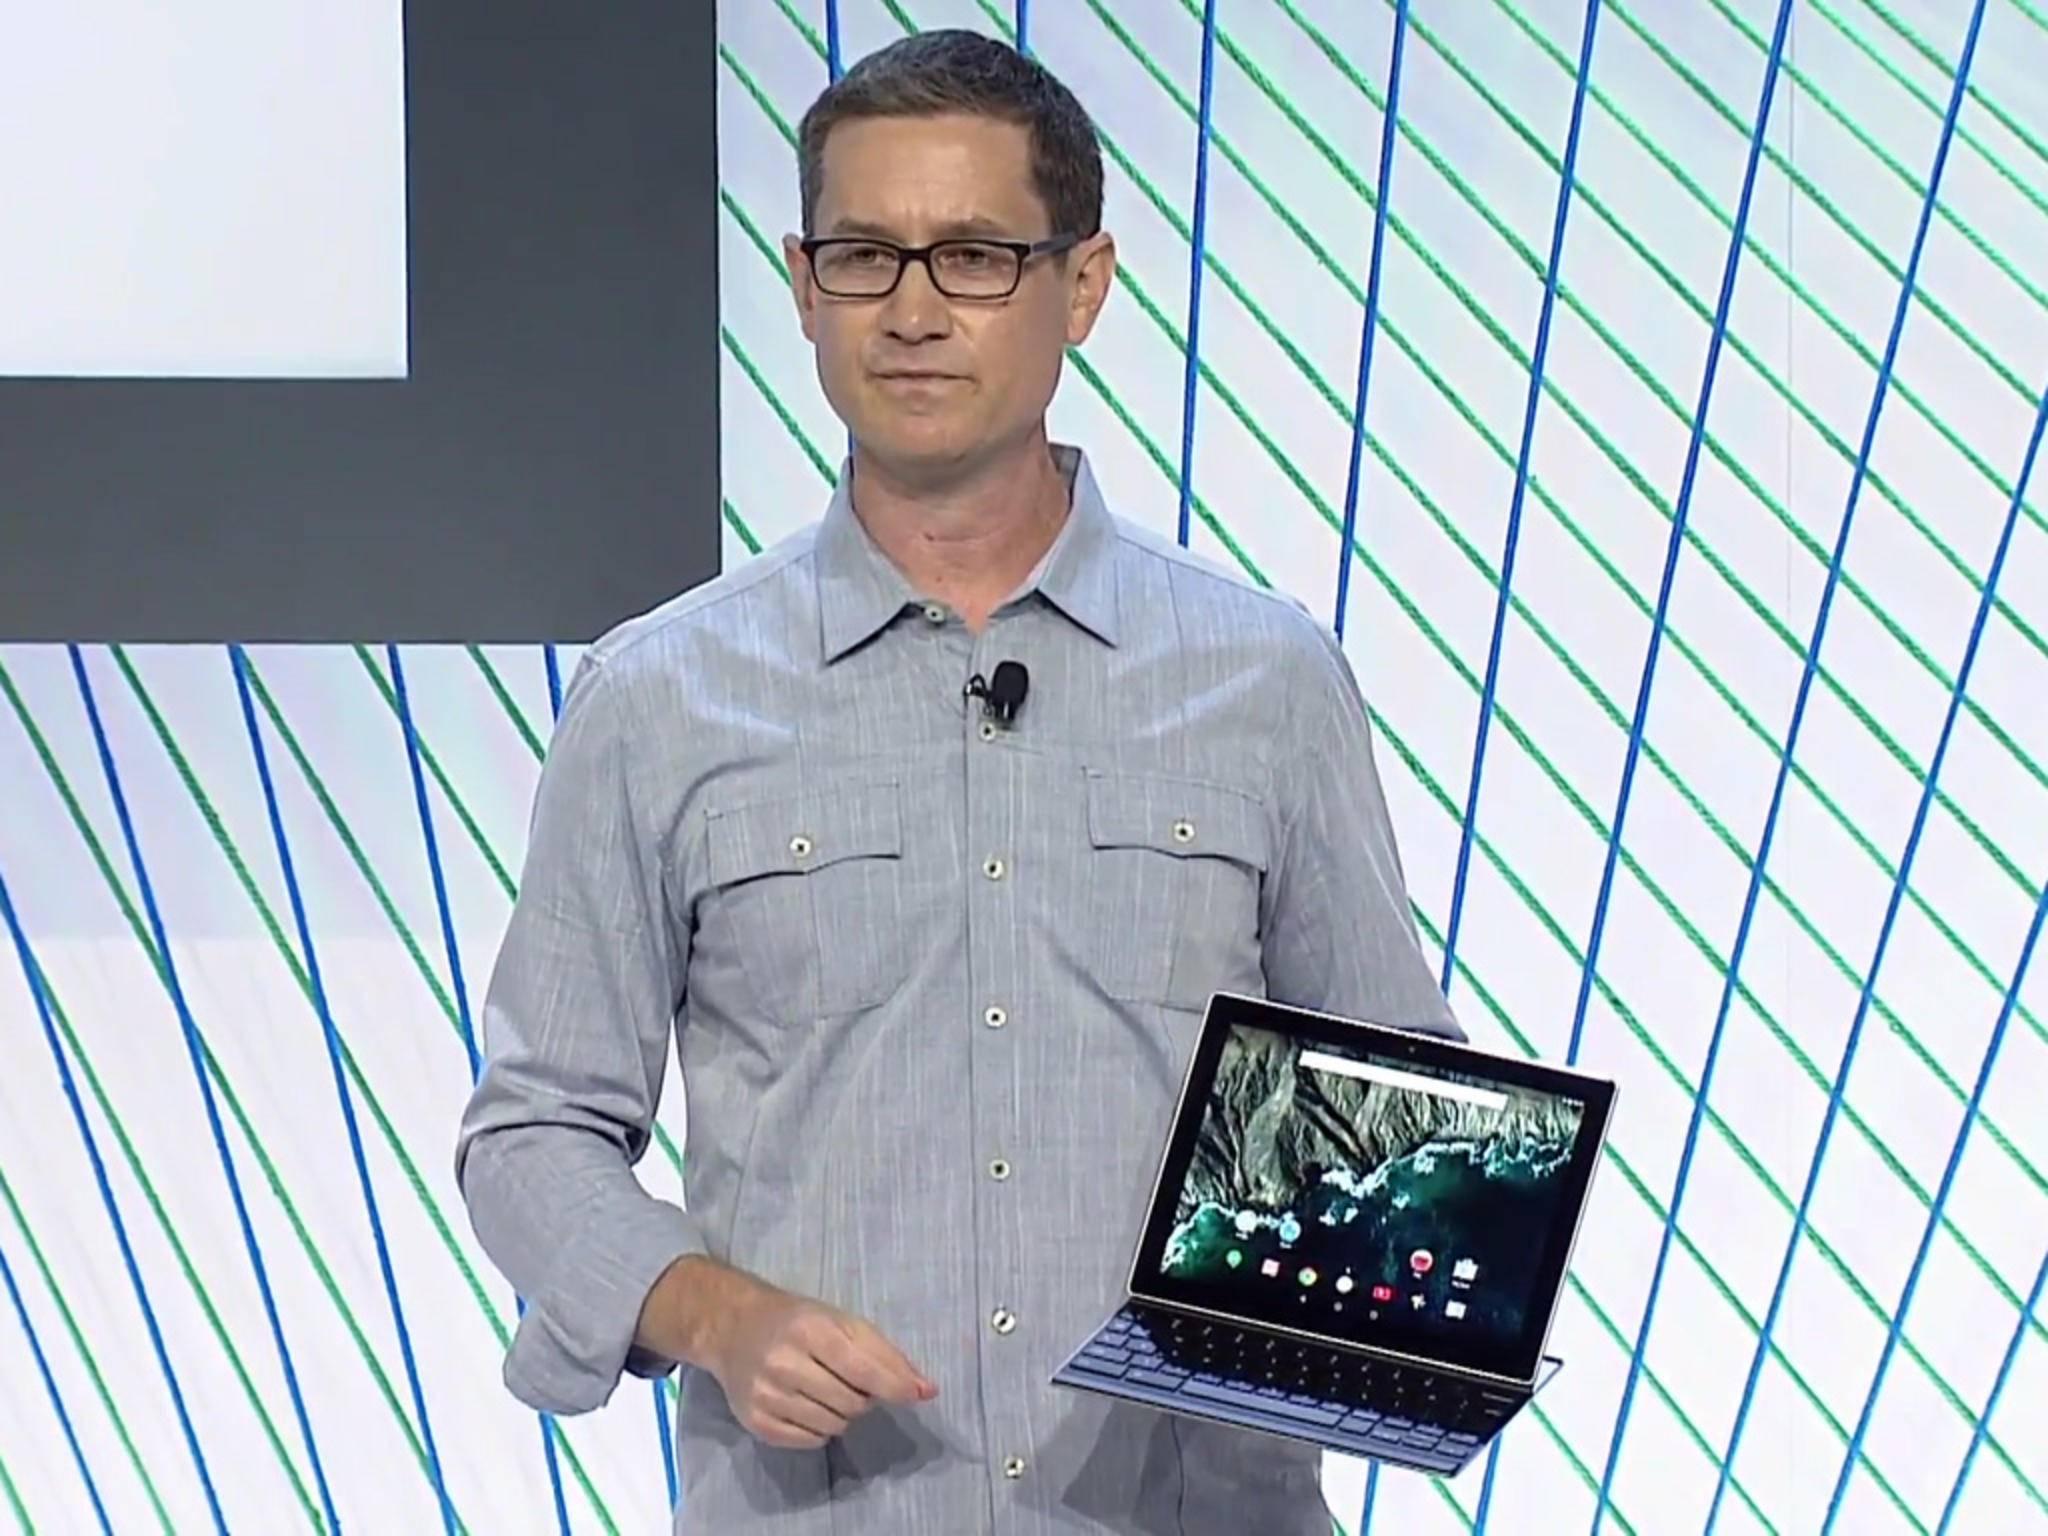 Ein weiteres Tablet mit Laptop-Ambitionen: das Pixel C von Google.